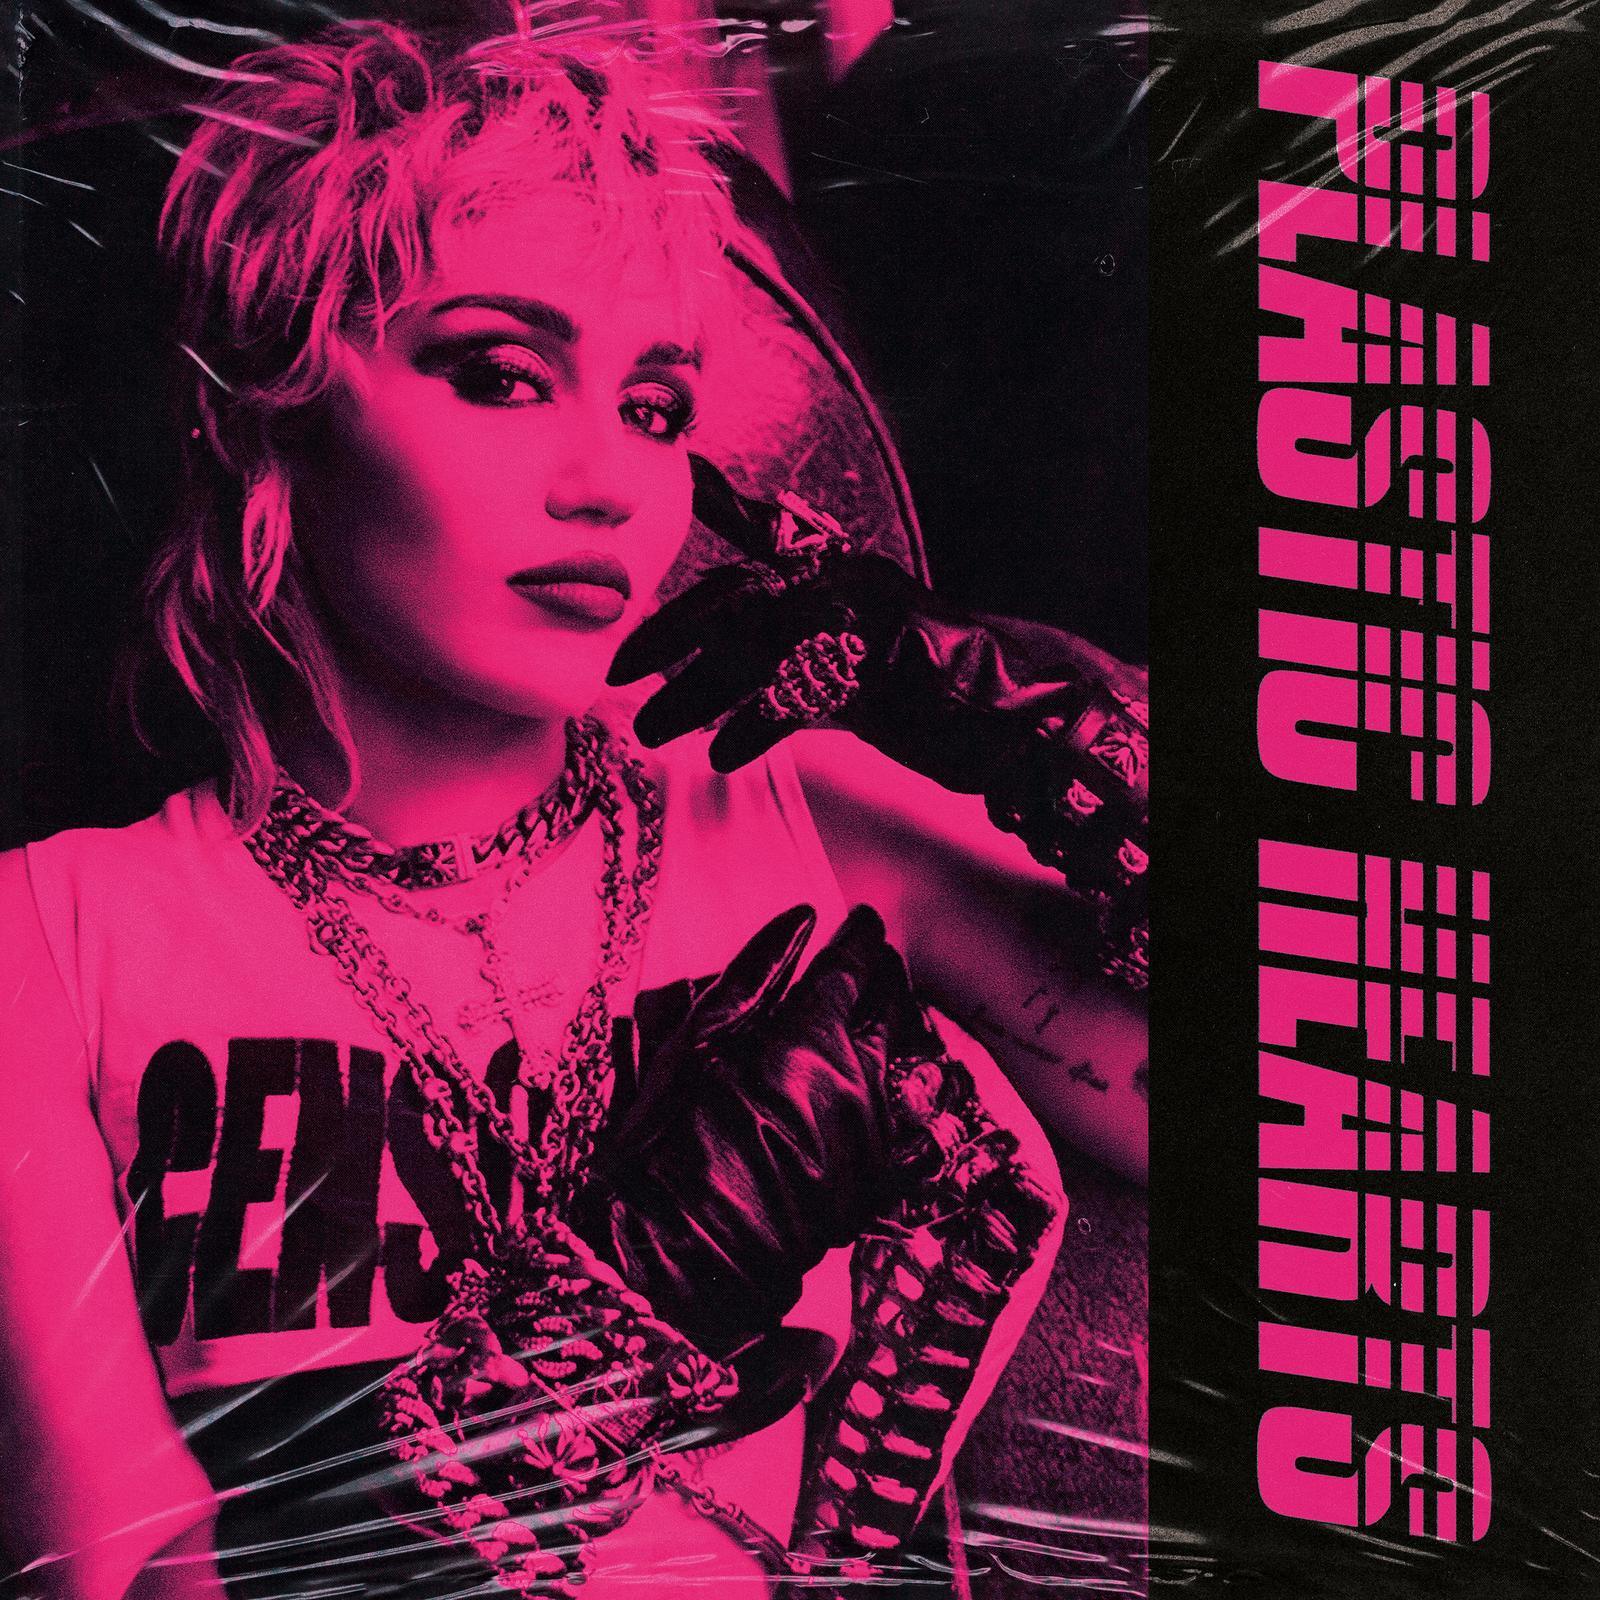 è uscito oggi Plastic Hearts, il nuovo album di Miley Cyrus